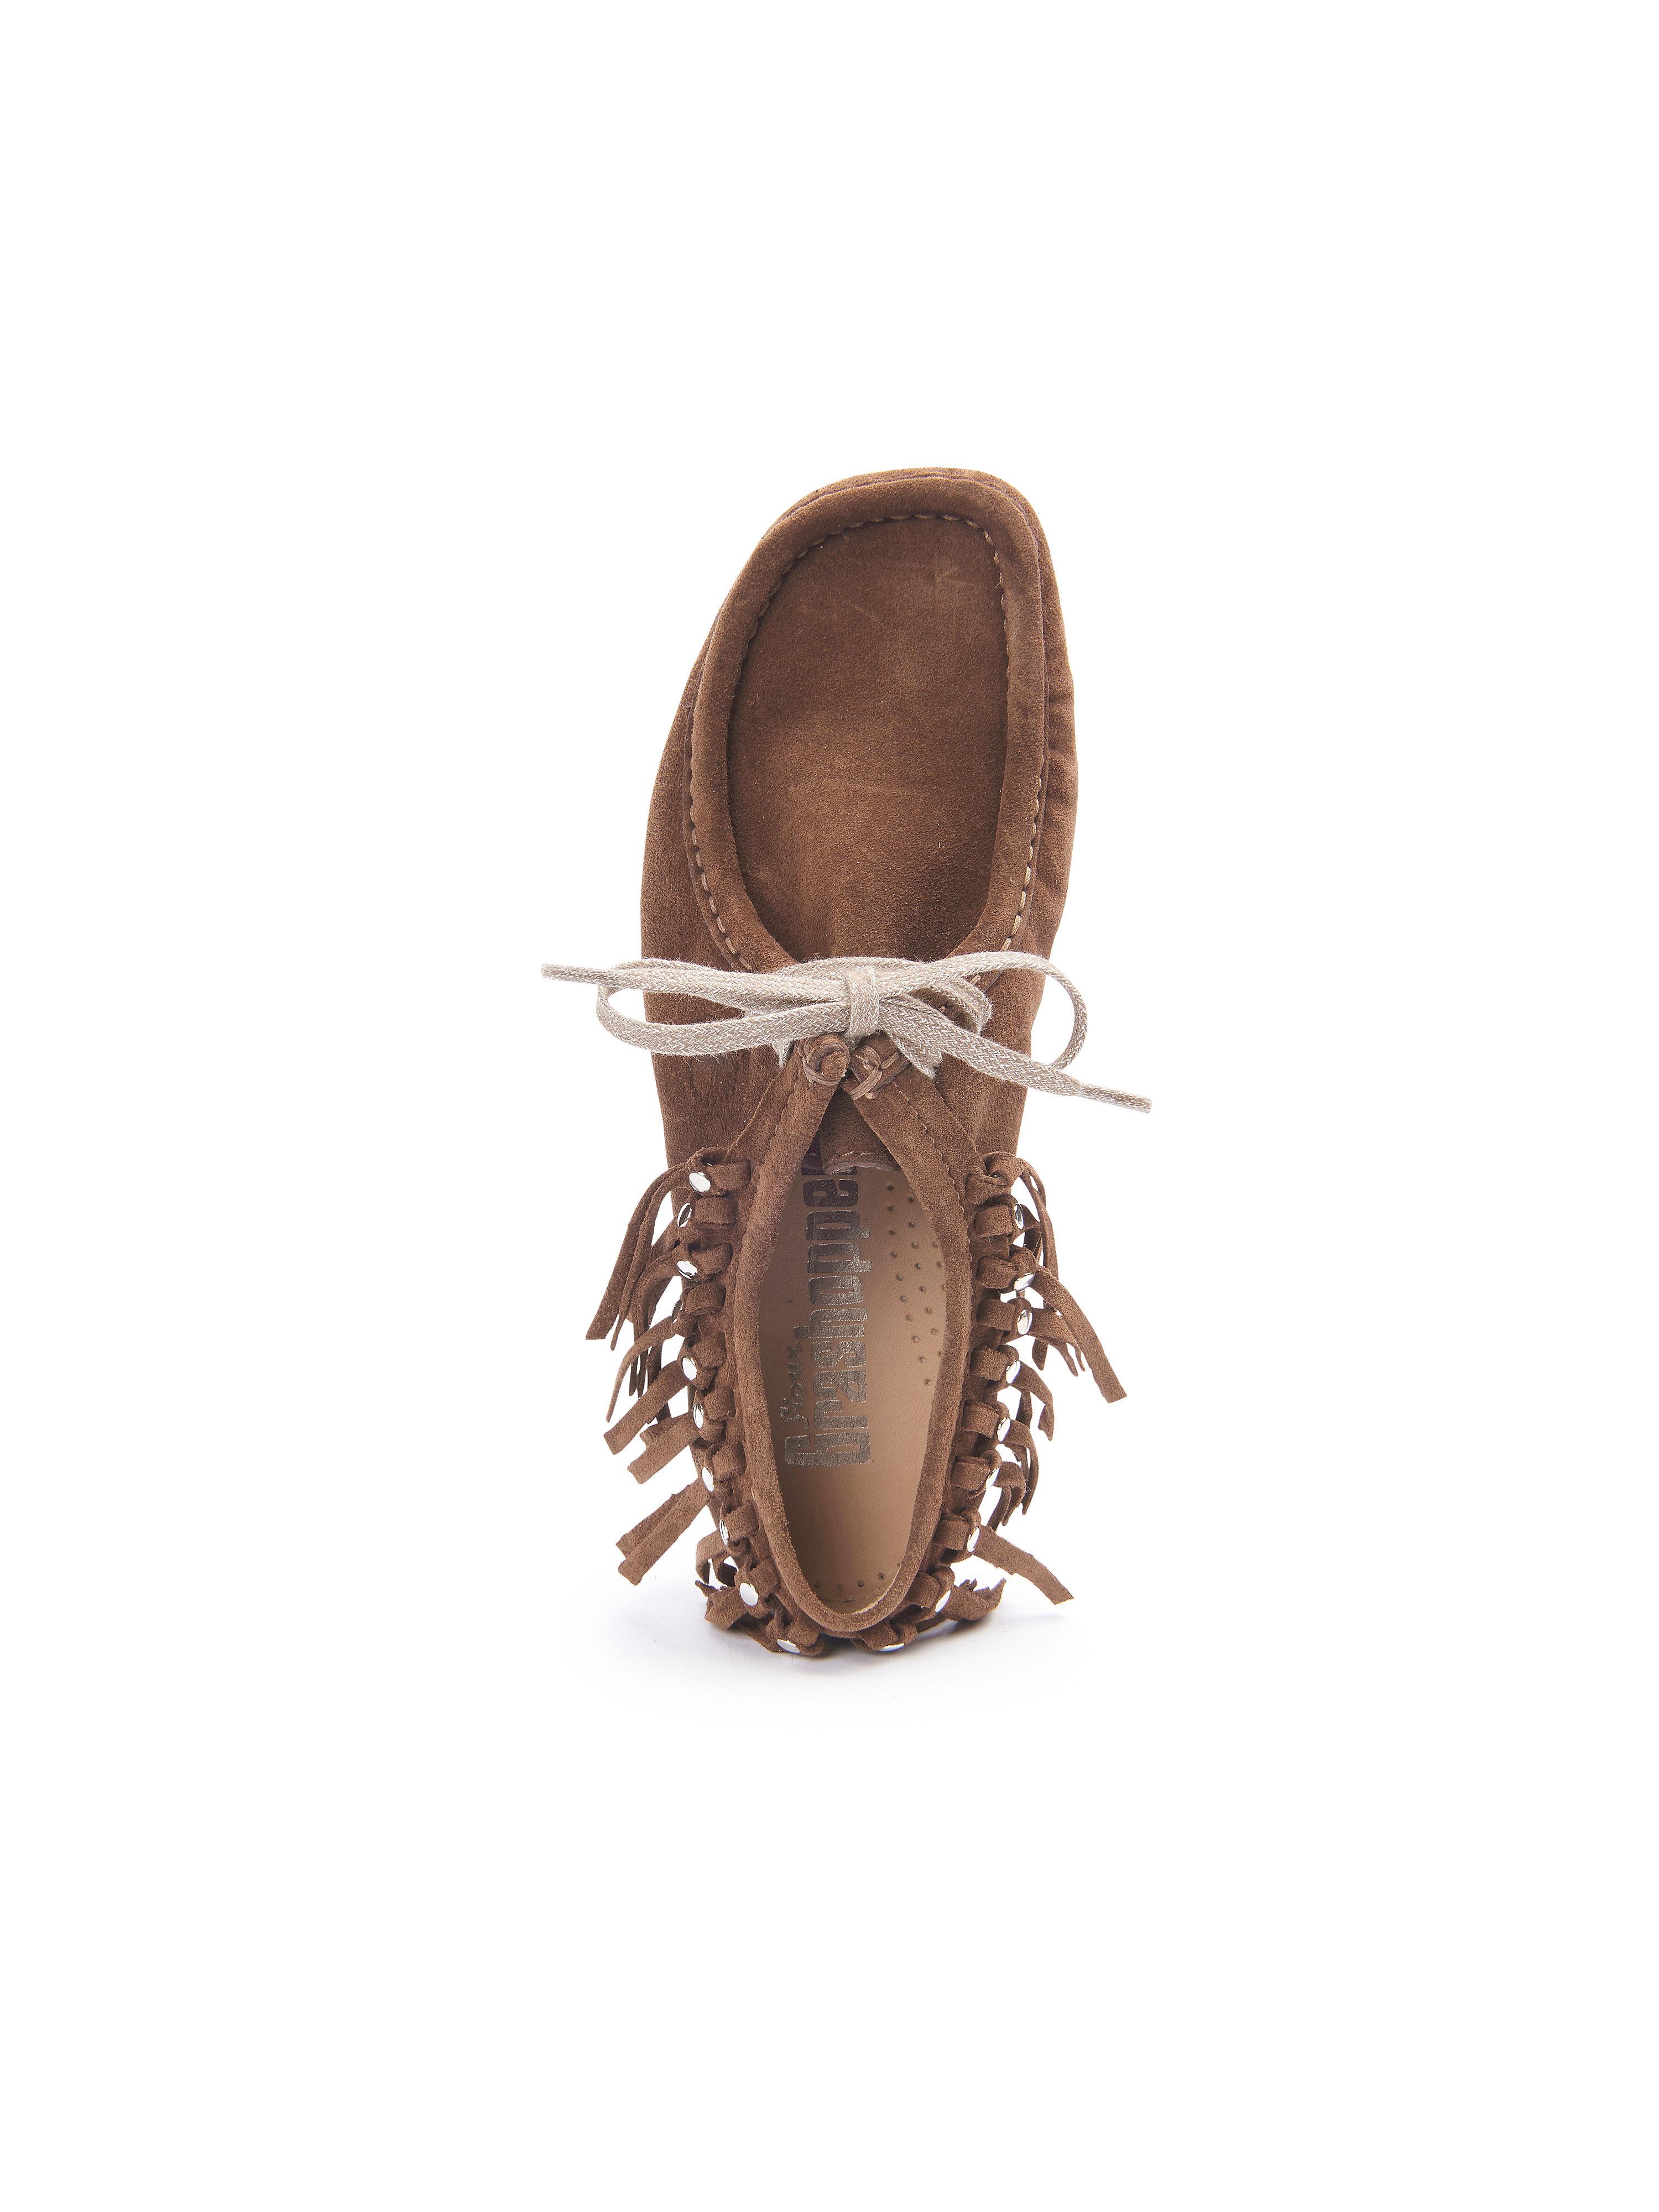 Sioux Kult-Schuh - Schür-Schuh